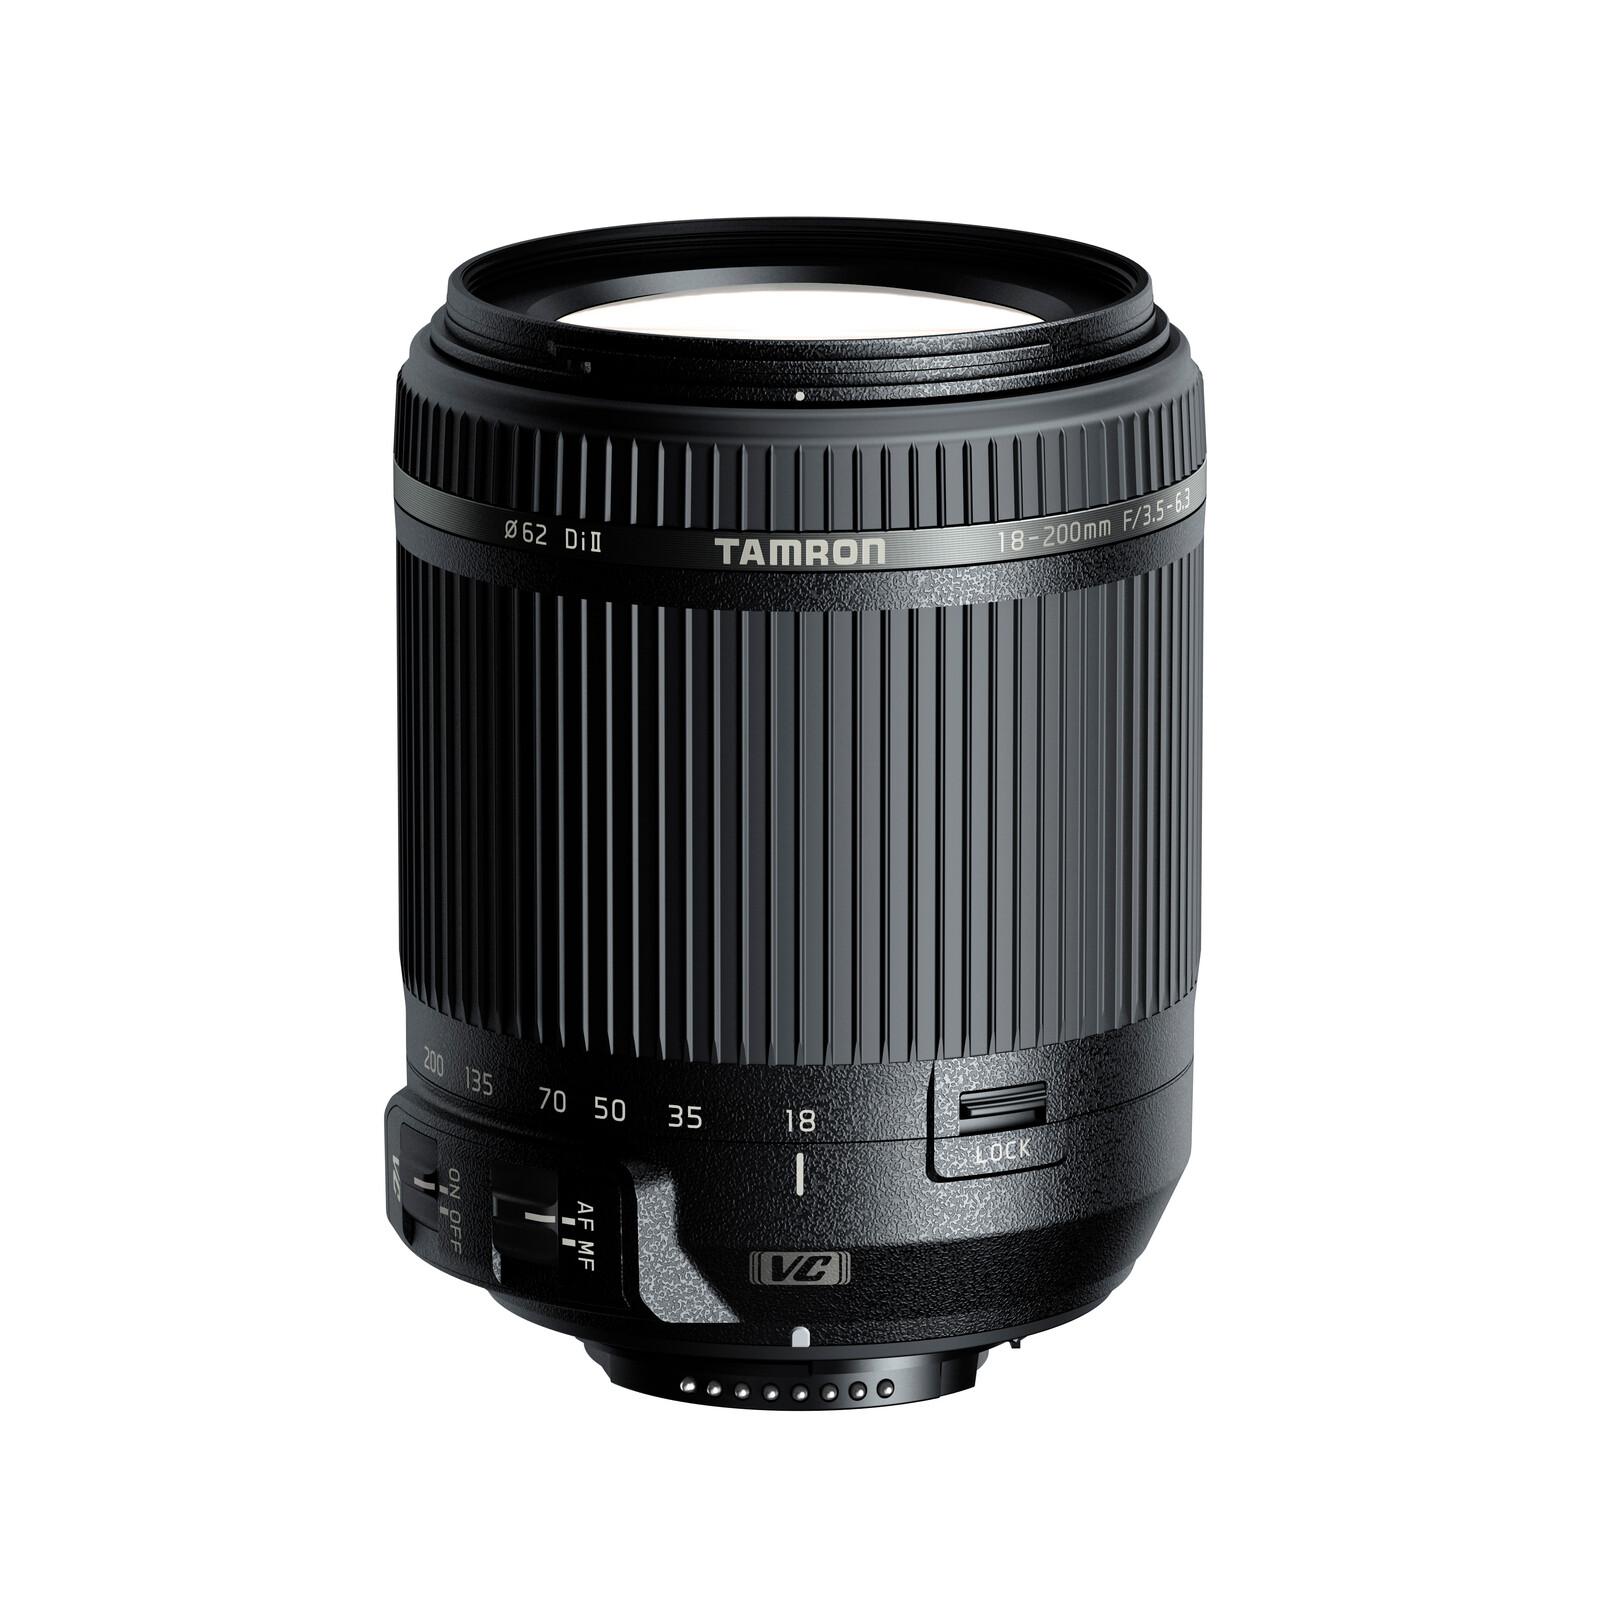 Tamron 18-200/3,5-6,3 Di II VC Canon